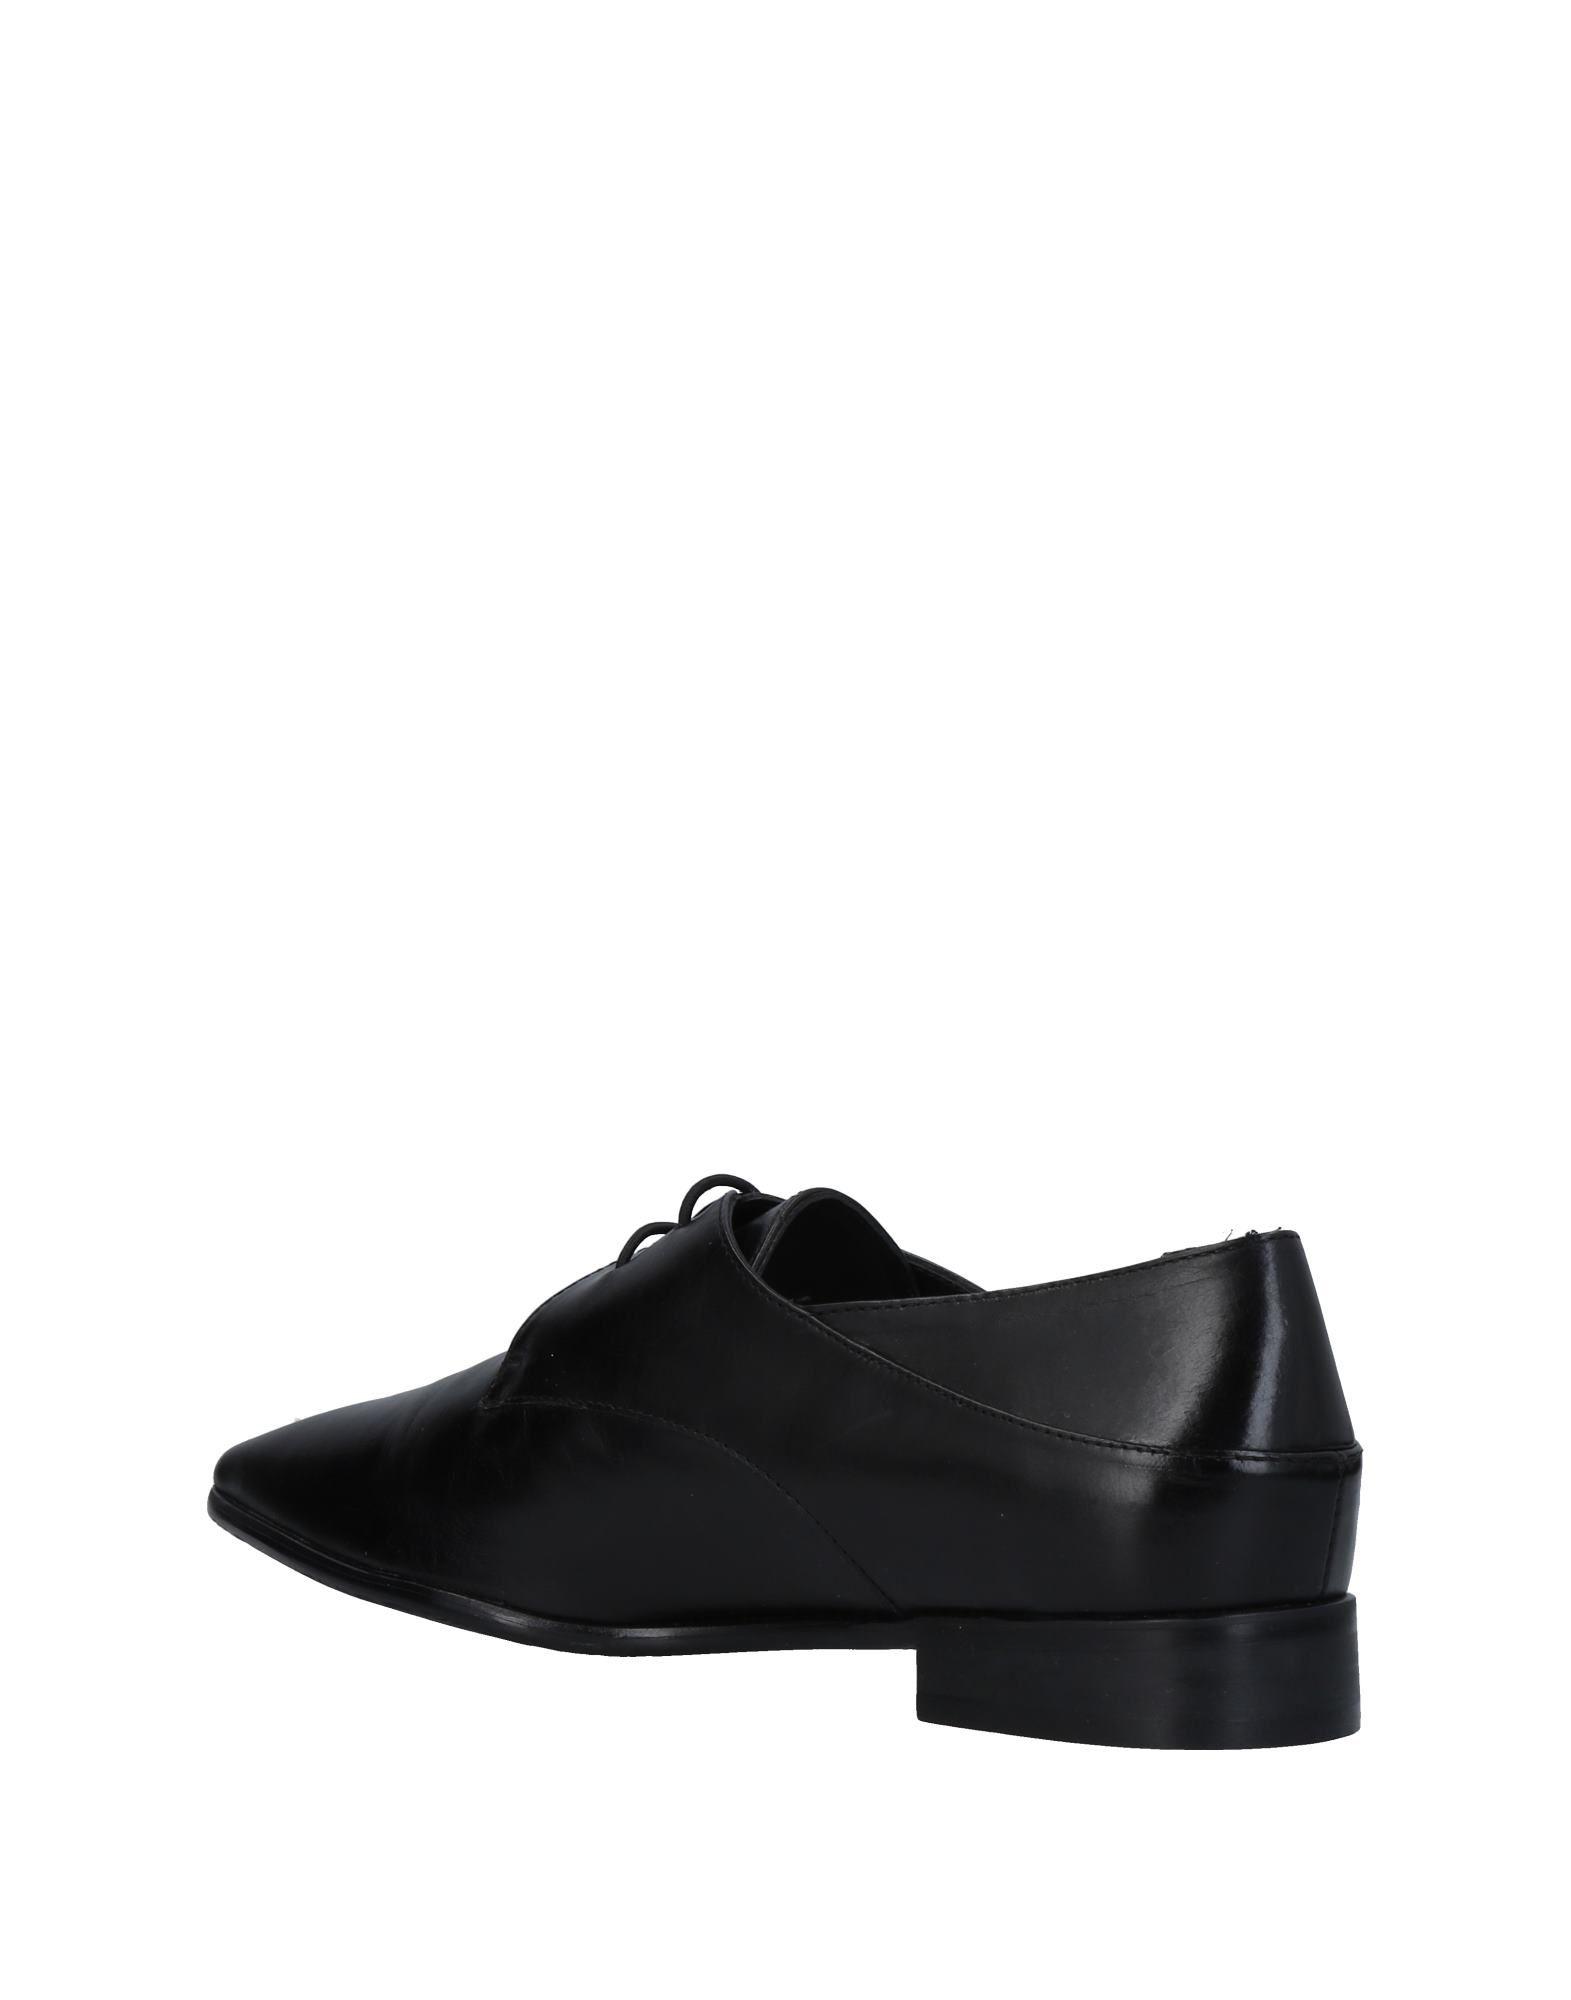 Chaussures À Lacets Audley Femme - Chaussures À Lacets Audley sur